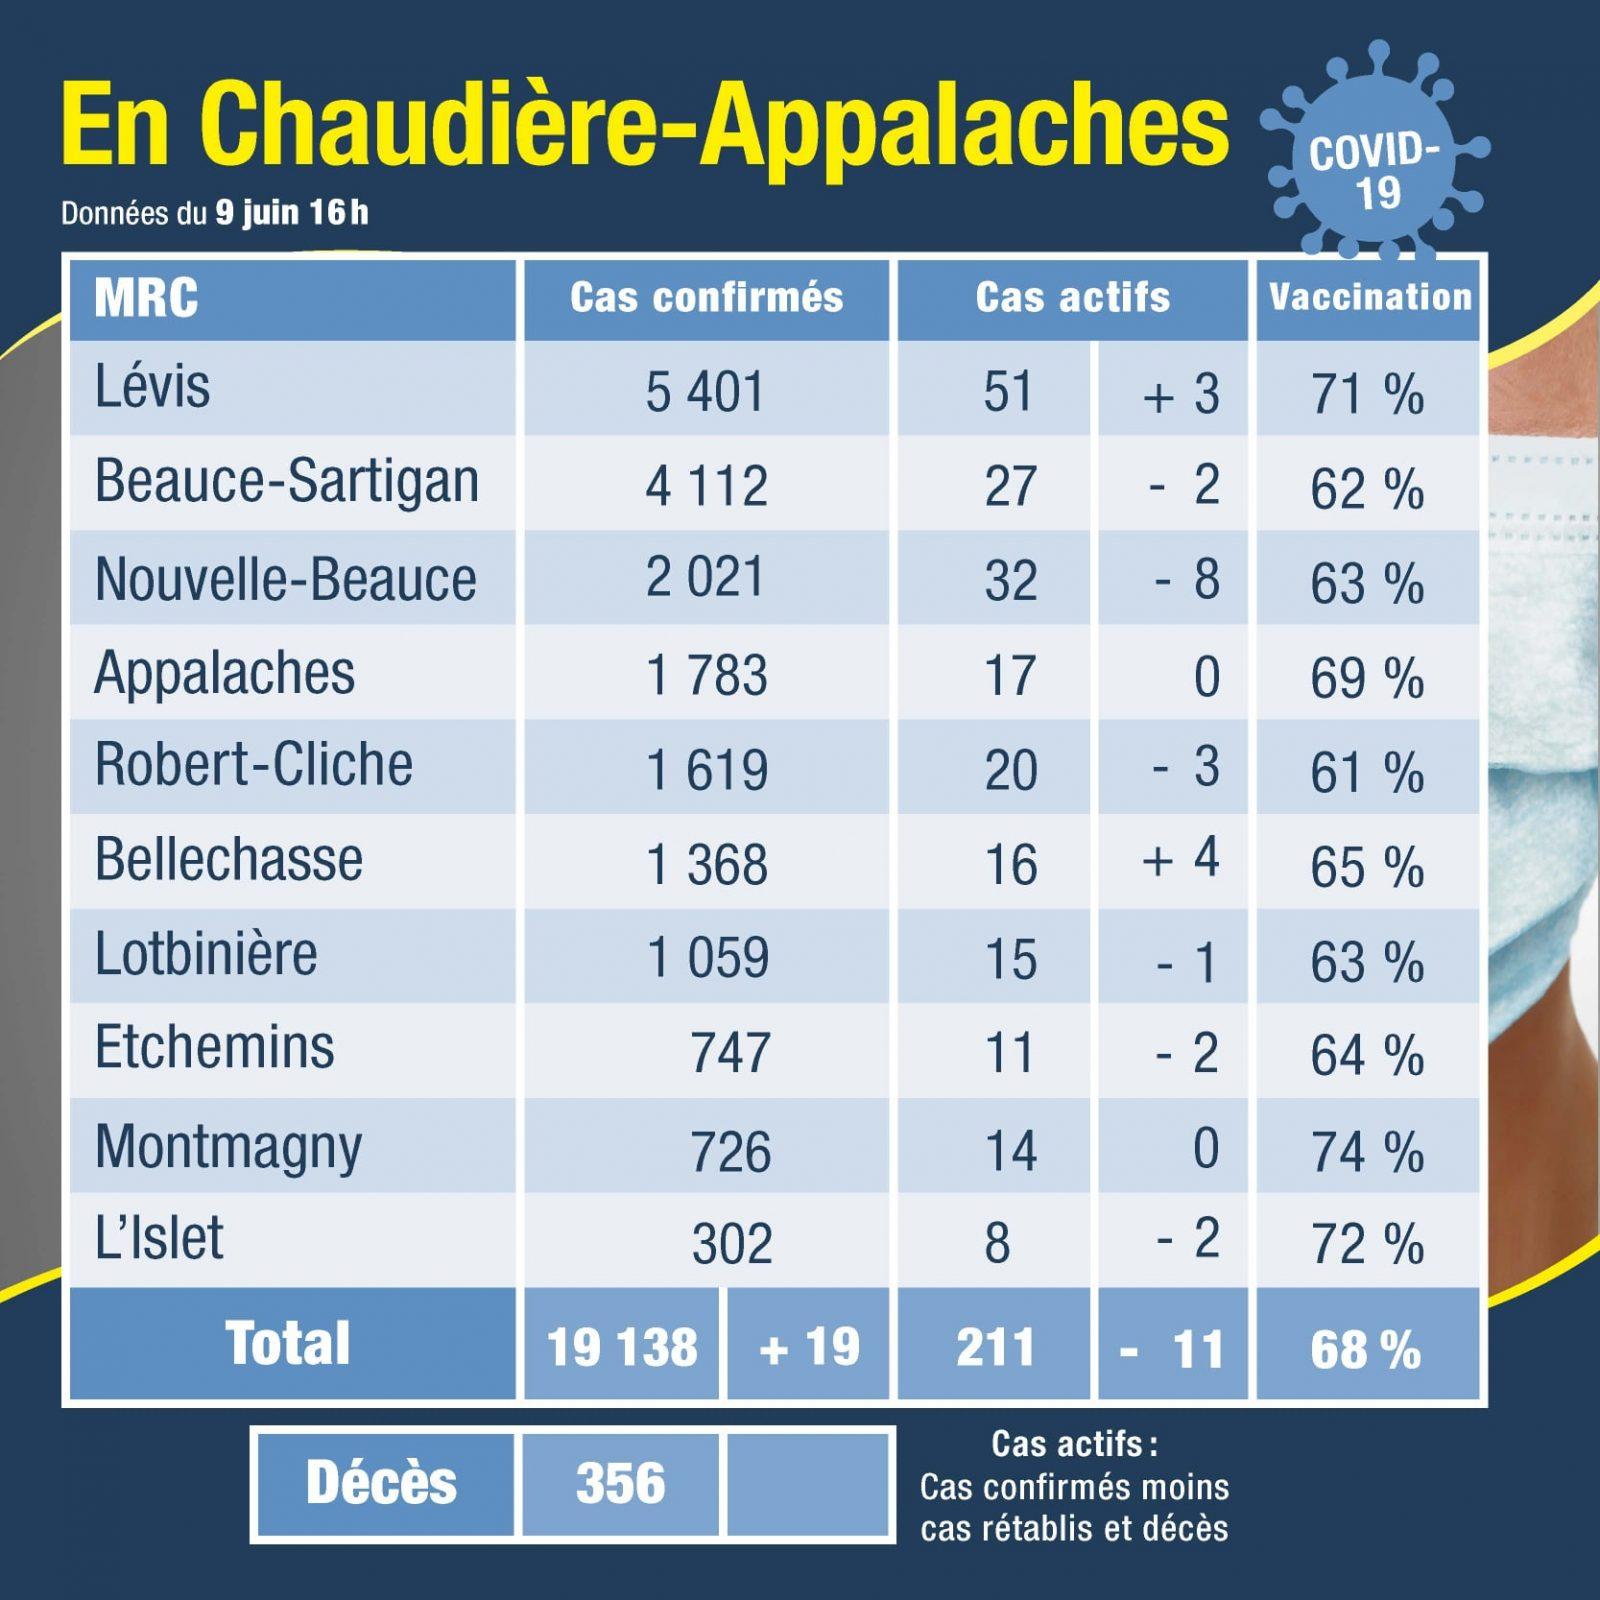 19 nouveaux cas en Chaudière-Appalaches